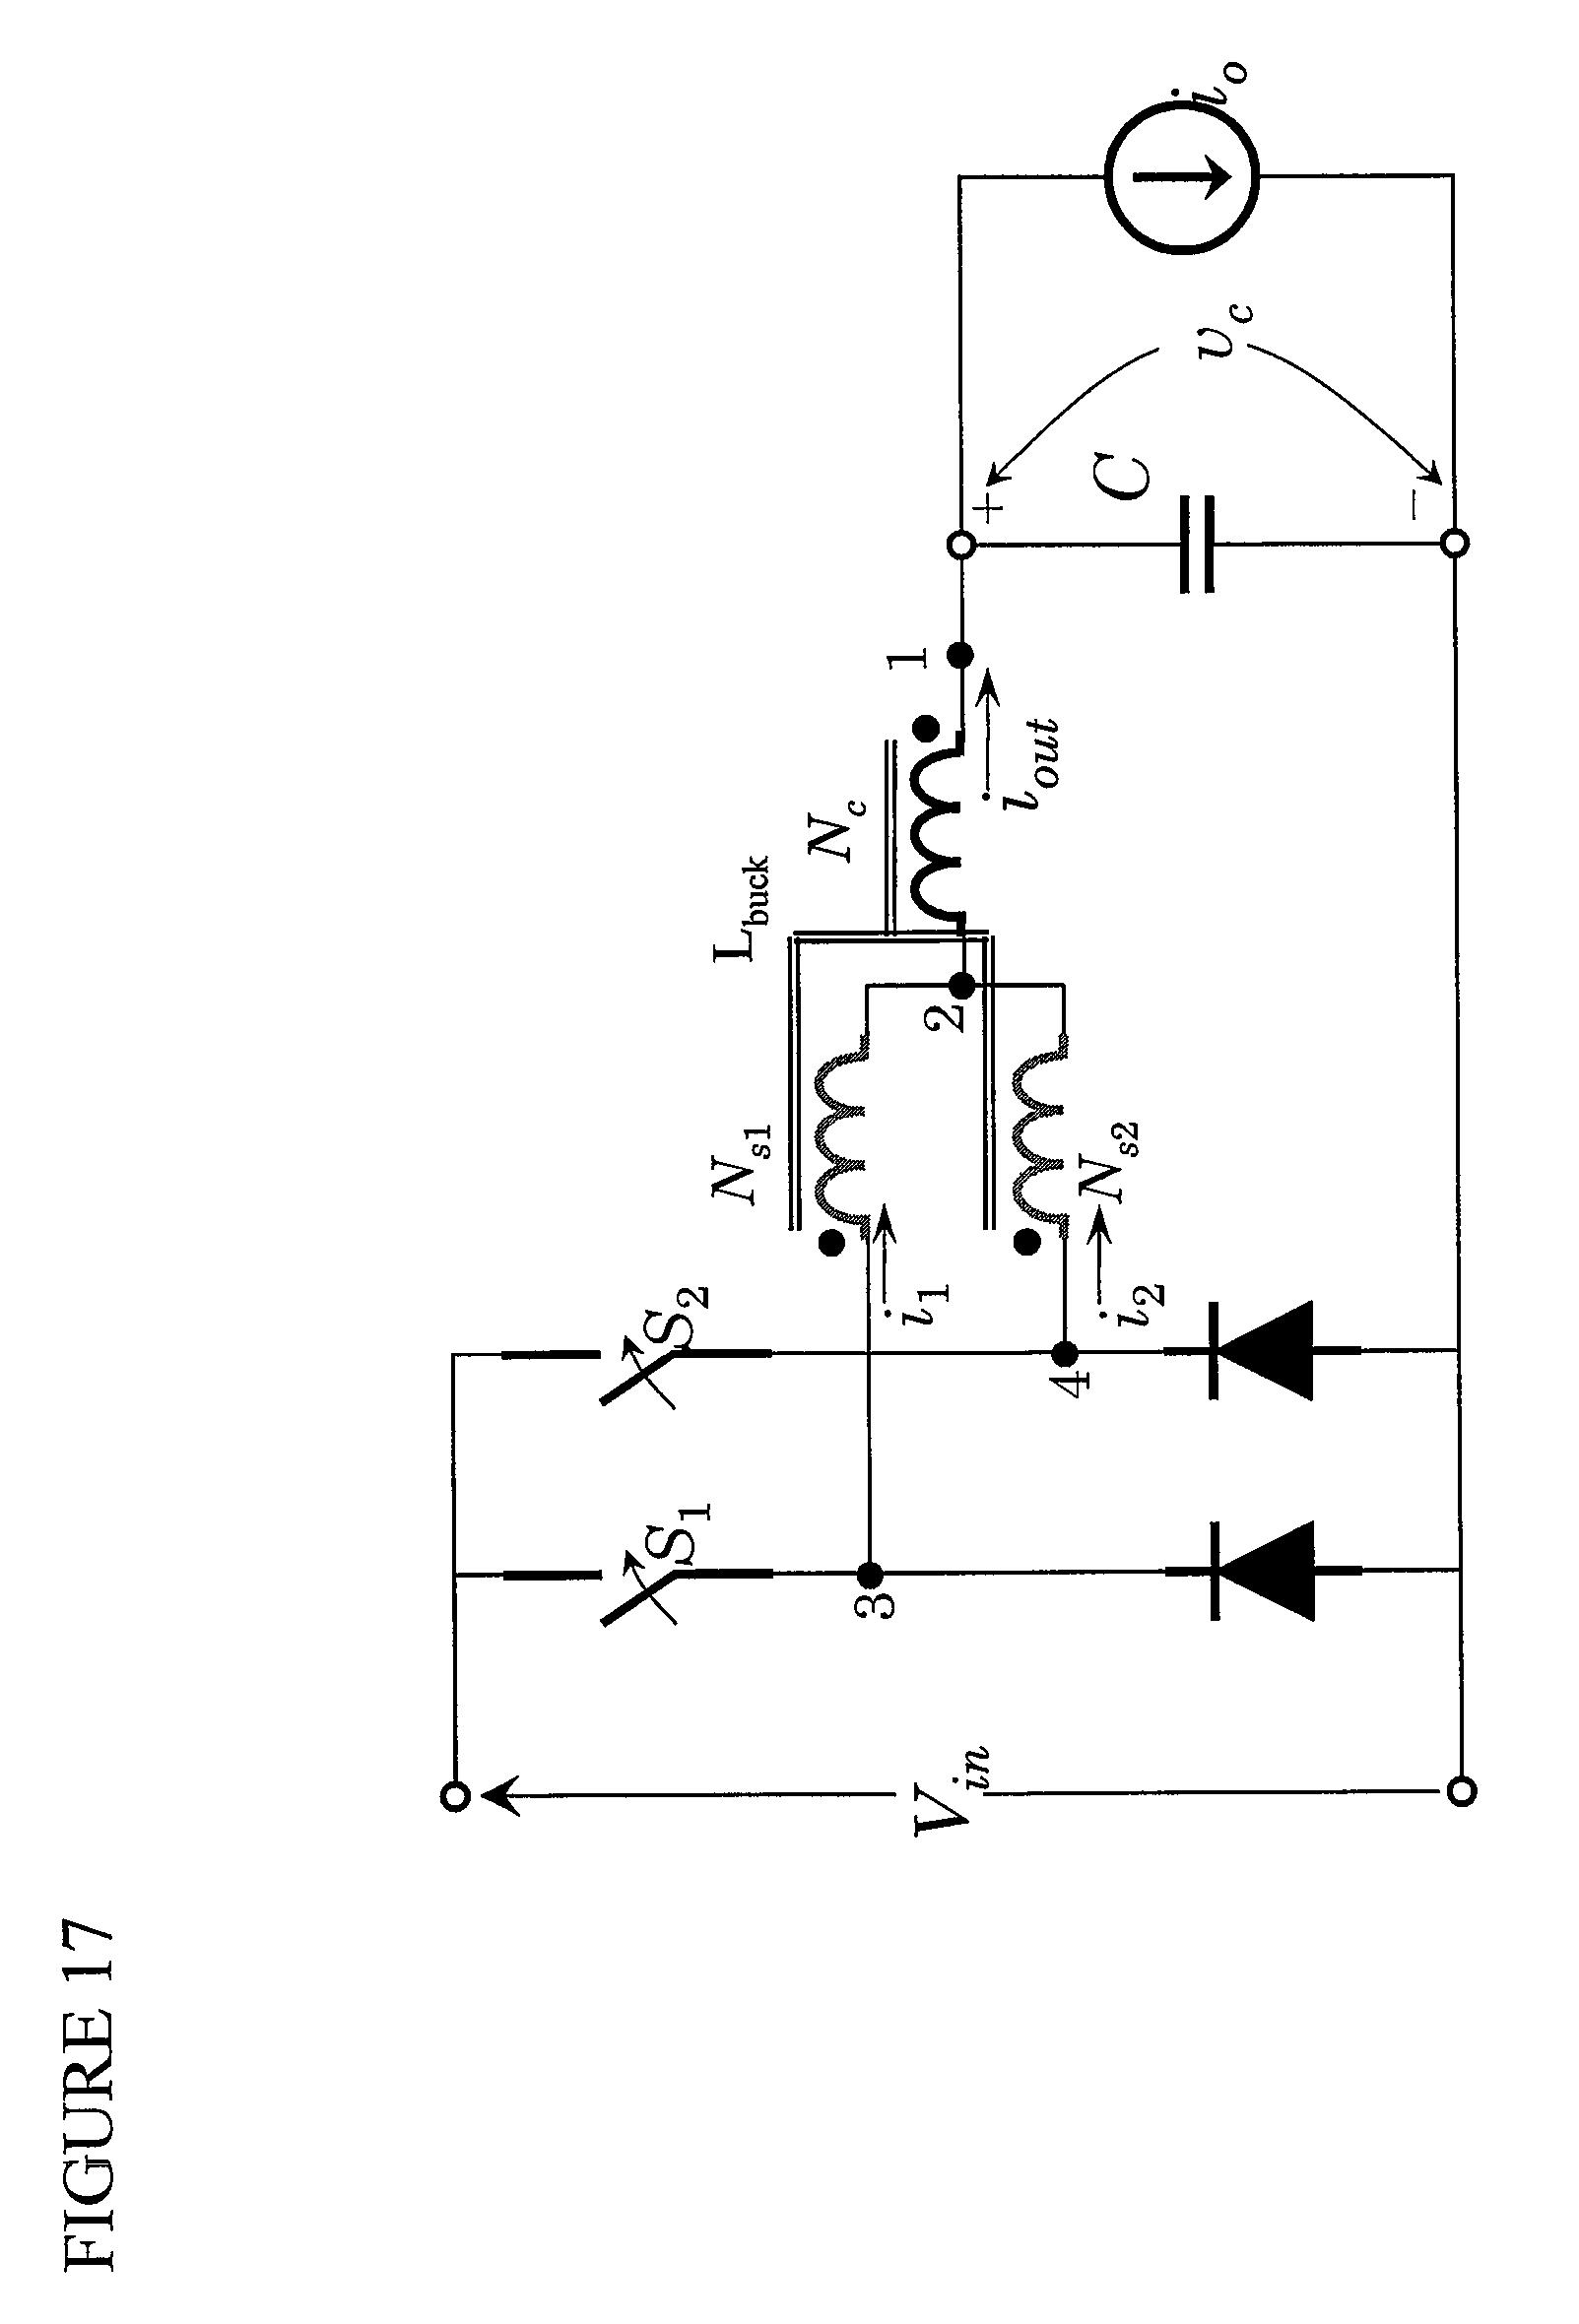 Powerflex 4 Wiring Diagram - Wiring Diagrams Dock